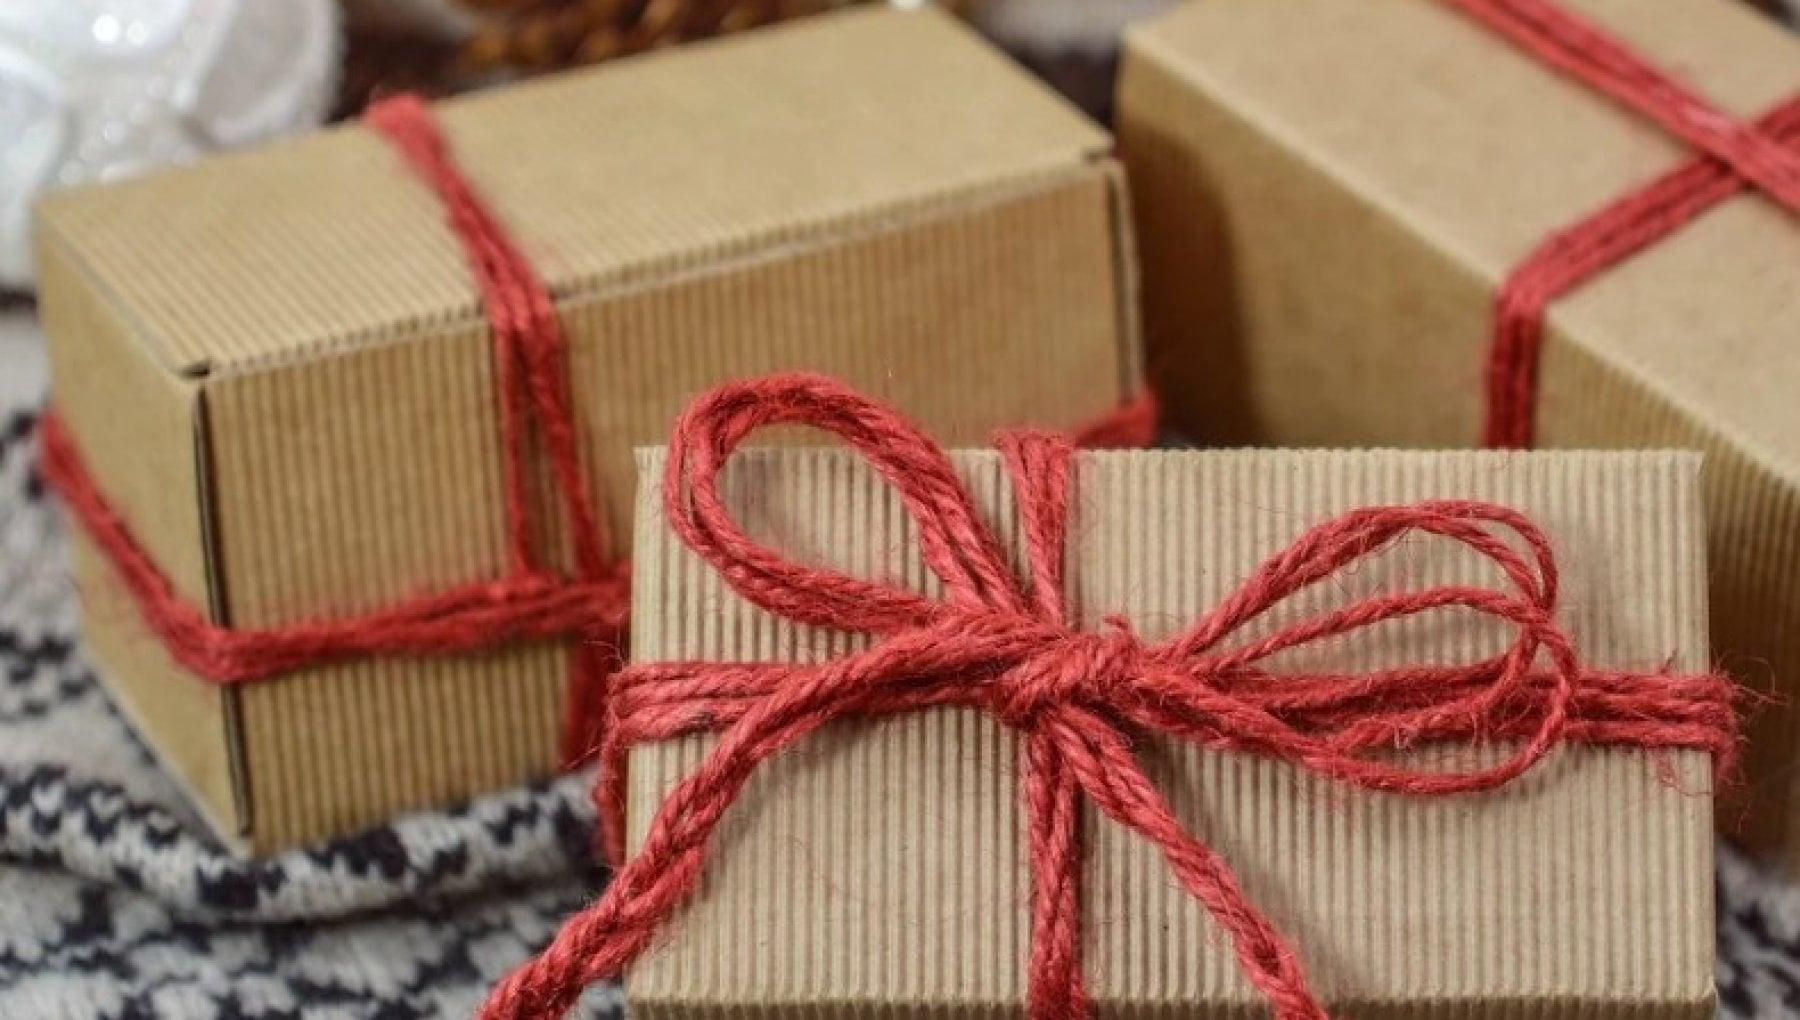 Natale gli italiani regalano cibo e disinfettanti bio. Ma uno su tre non fa doni